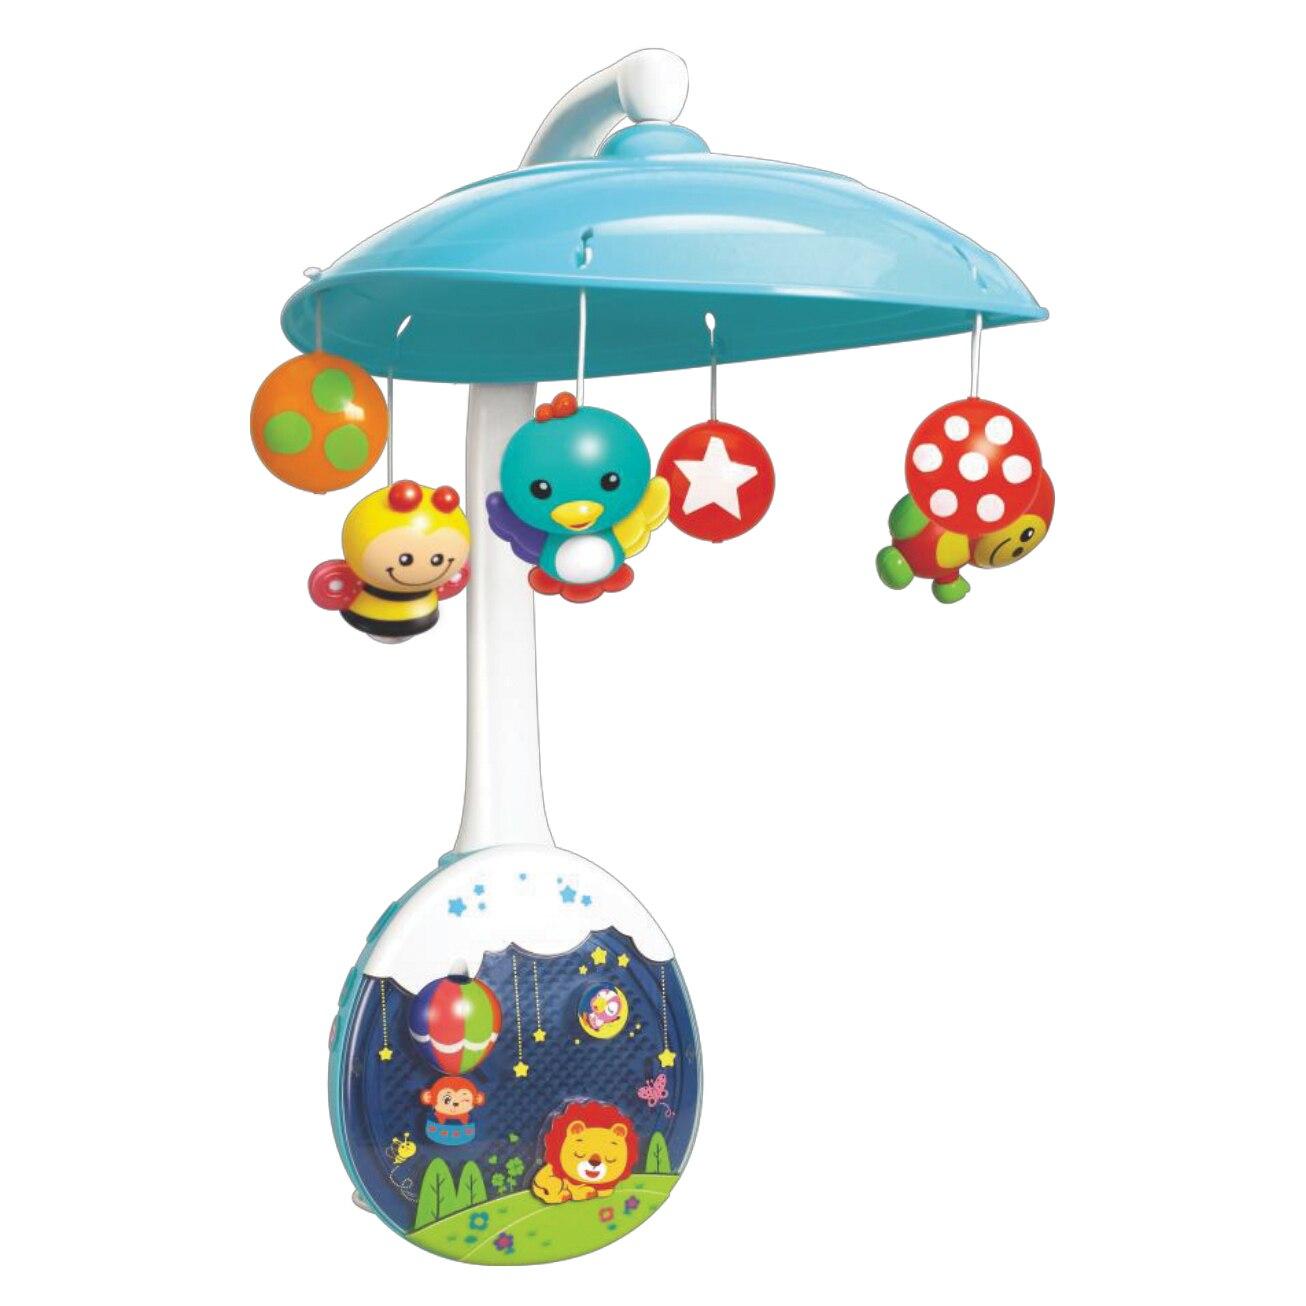 Fotografie Carusel muzical M-Toys, pentru patut, cu proiector si jucarii detasabile